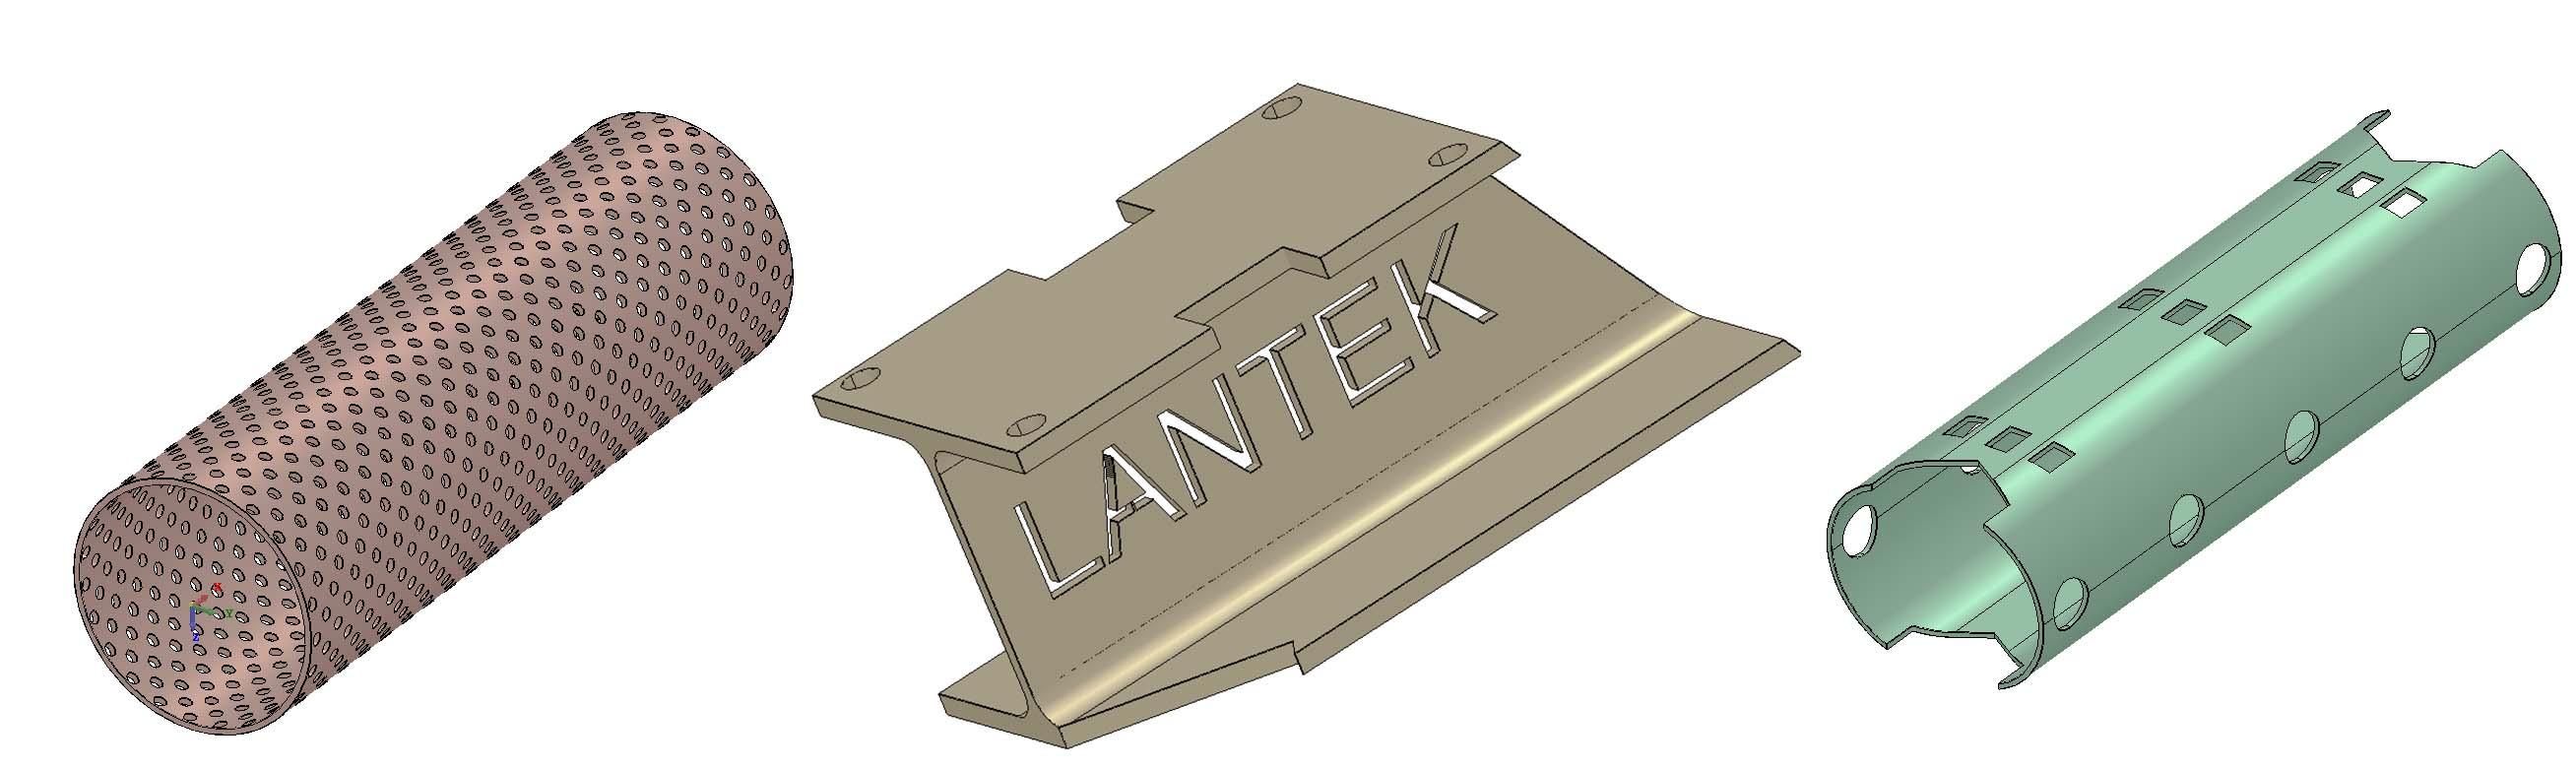 Lantek Flex3d Tubes  - Les options de conception